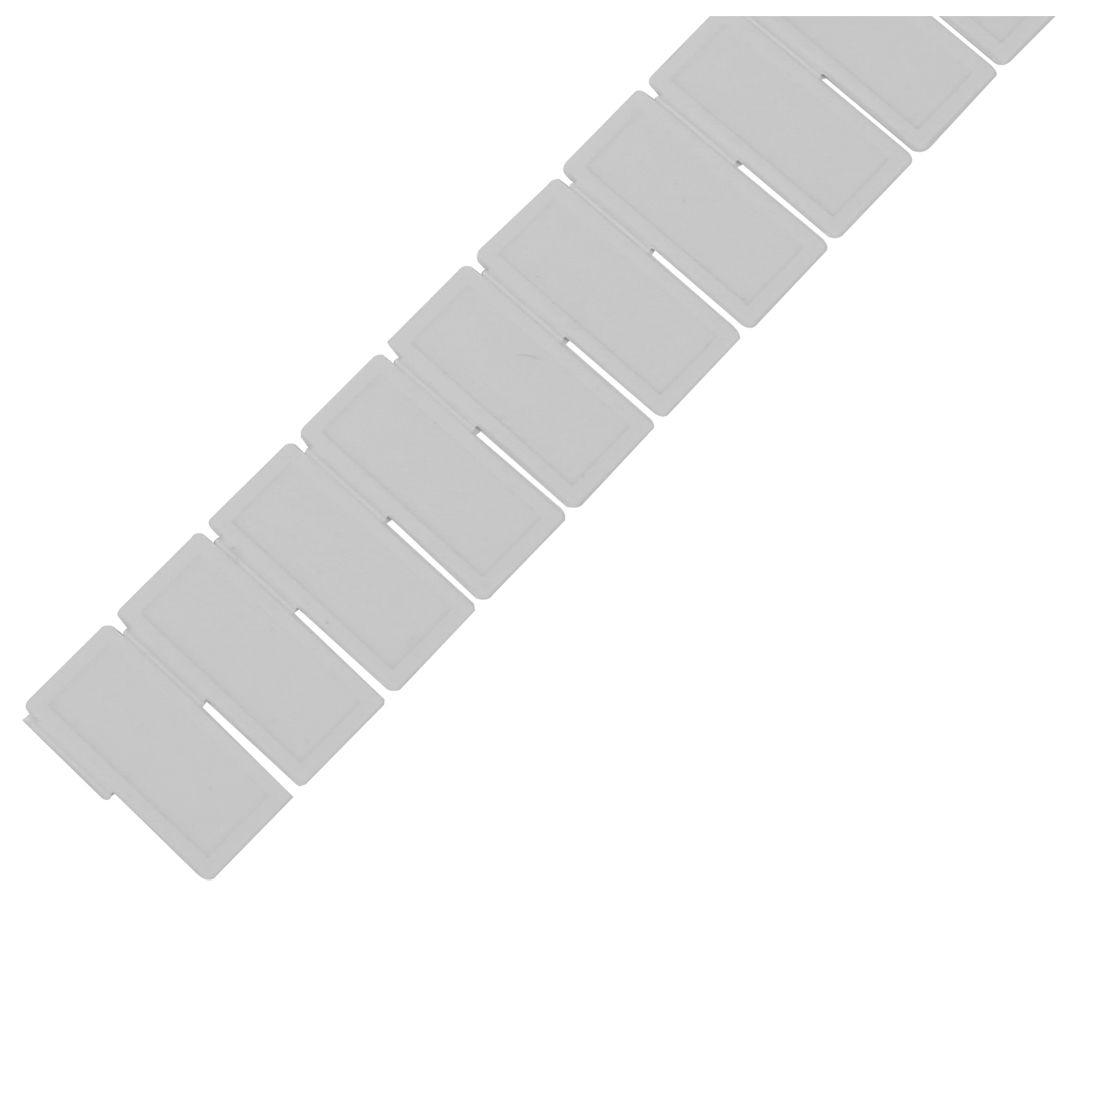 6 шт. Пластик ящика Шкаф сетки делитель аккуратные Органайзер контейнер для домашнего хранения белый